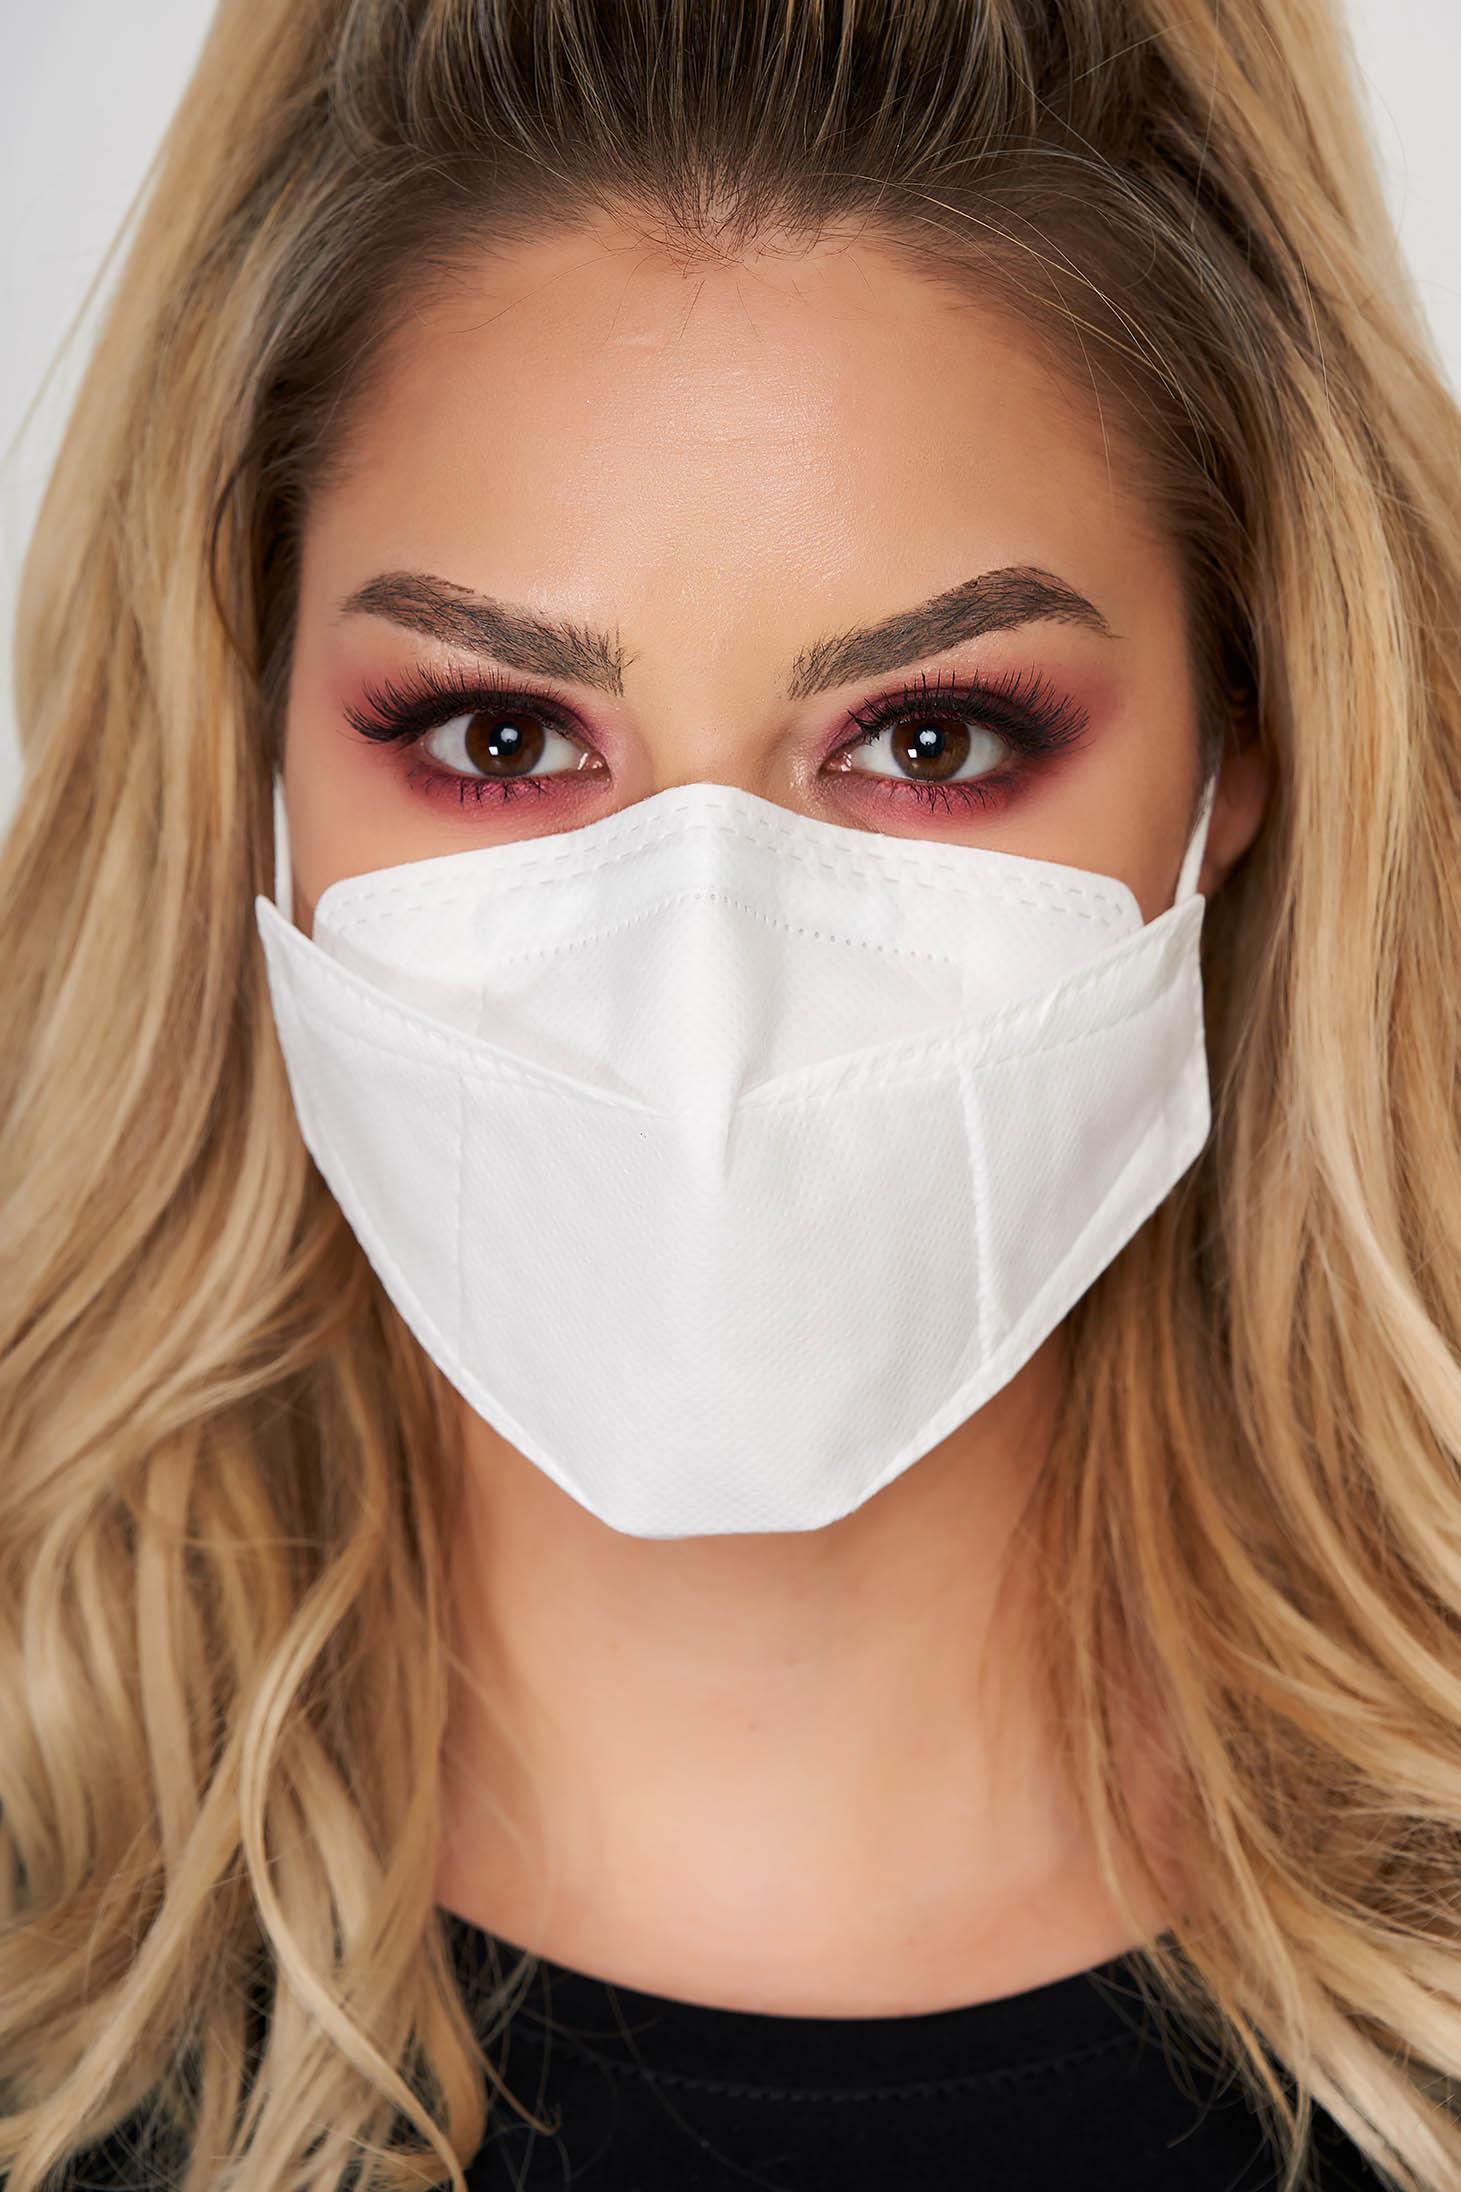 Masca de protectie alba KN95 cu filtru FFP2 reutilizabila cu certificat CE